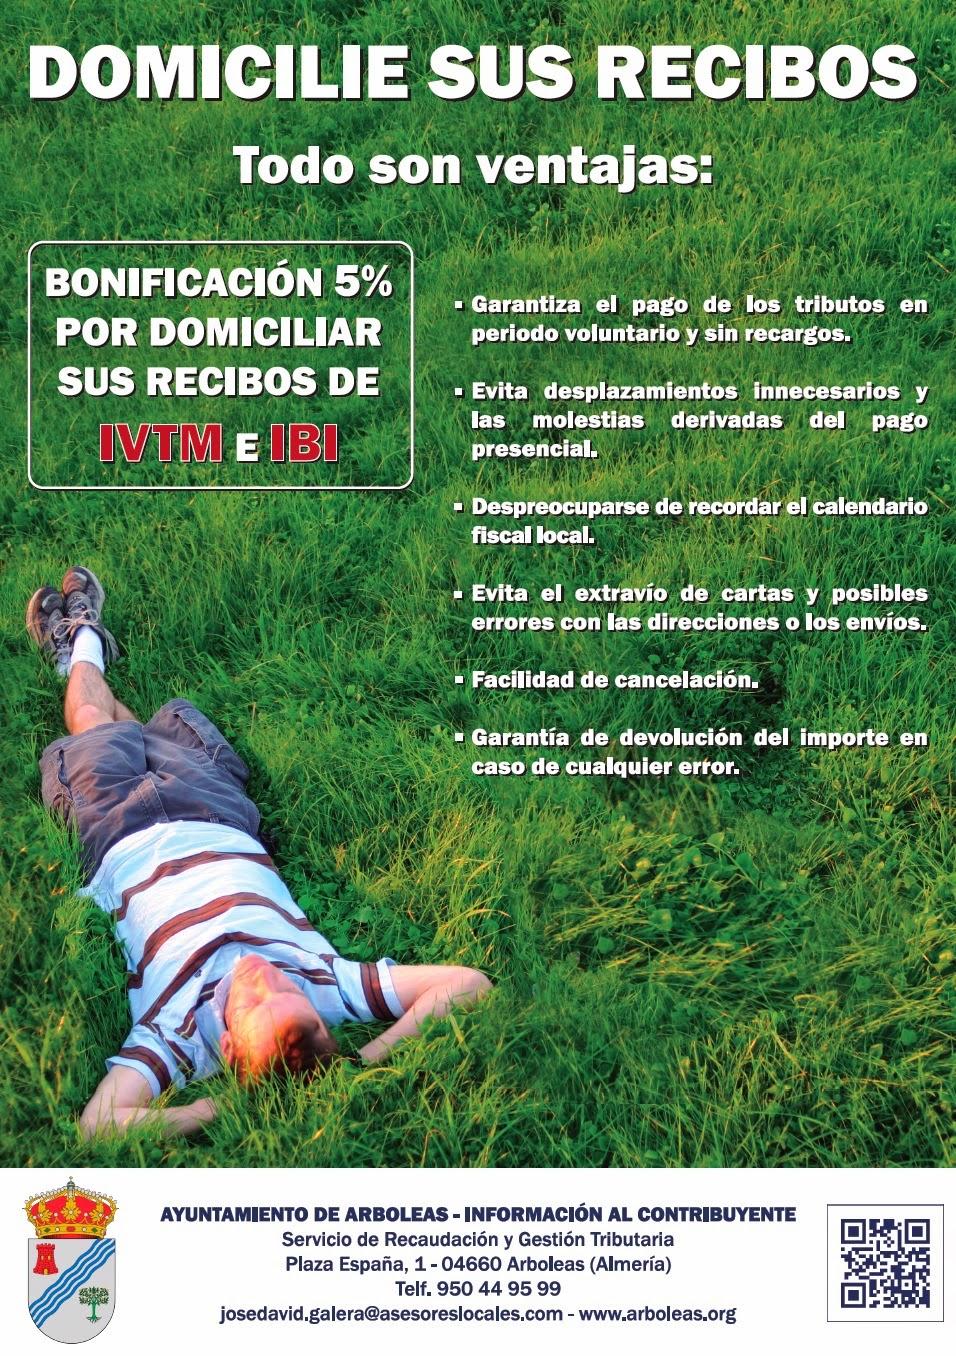 Bonificación 5% Domiciliación